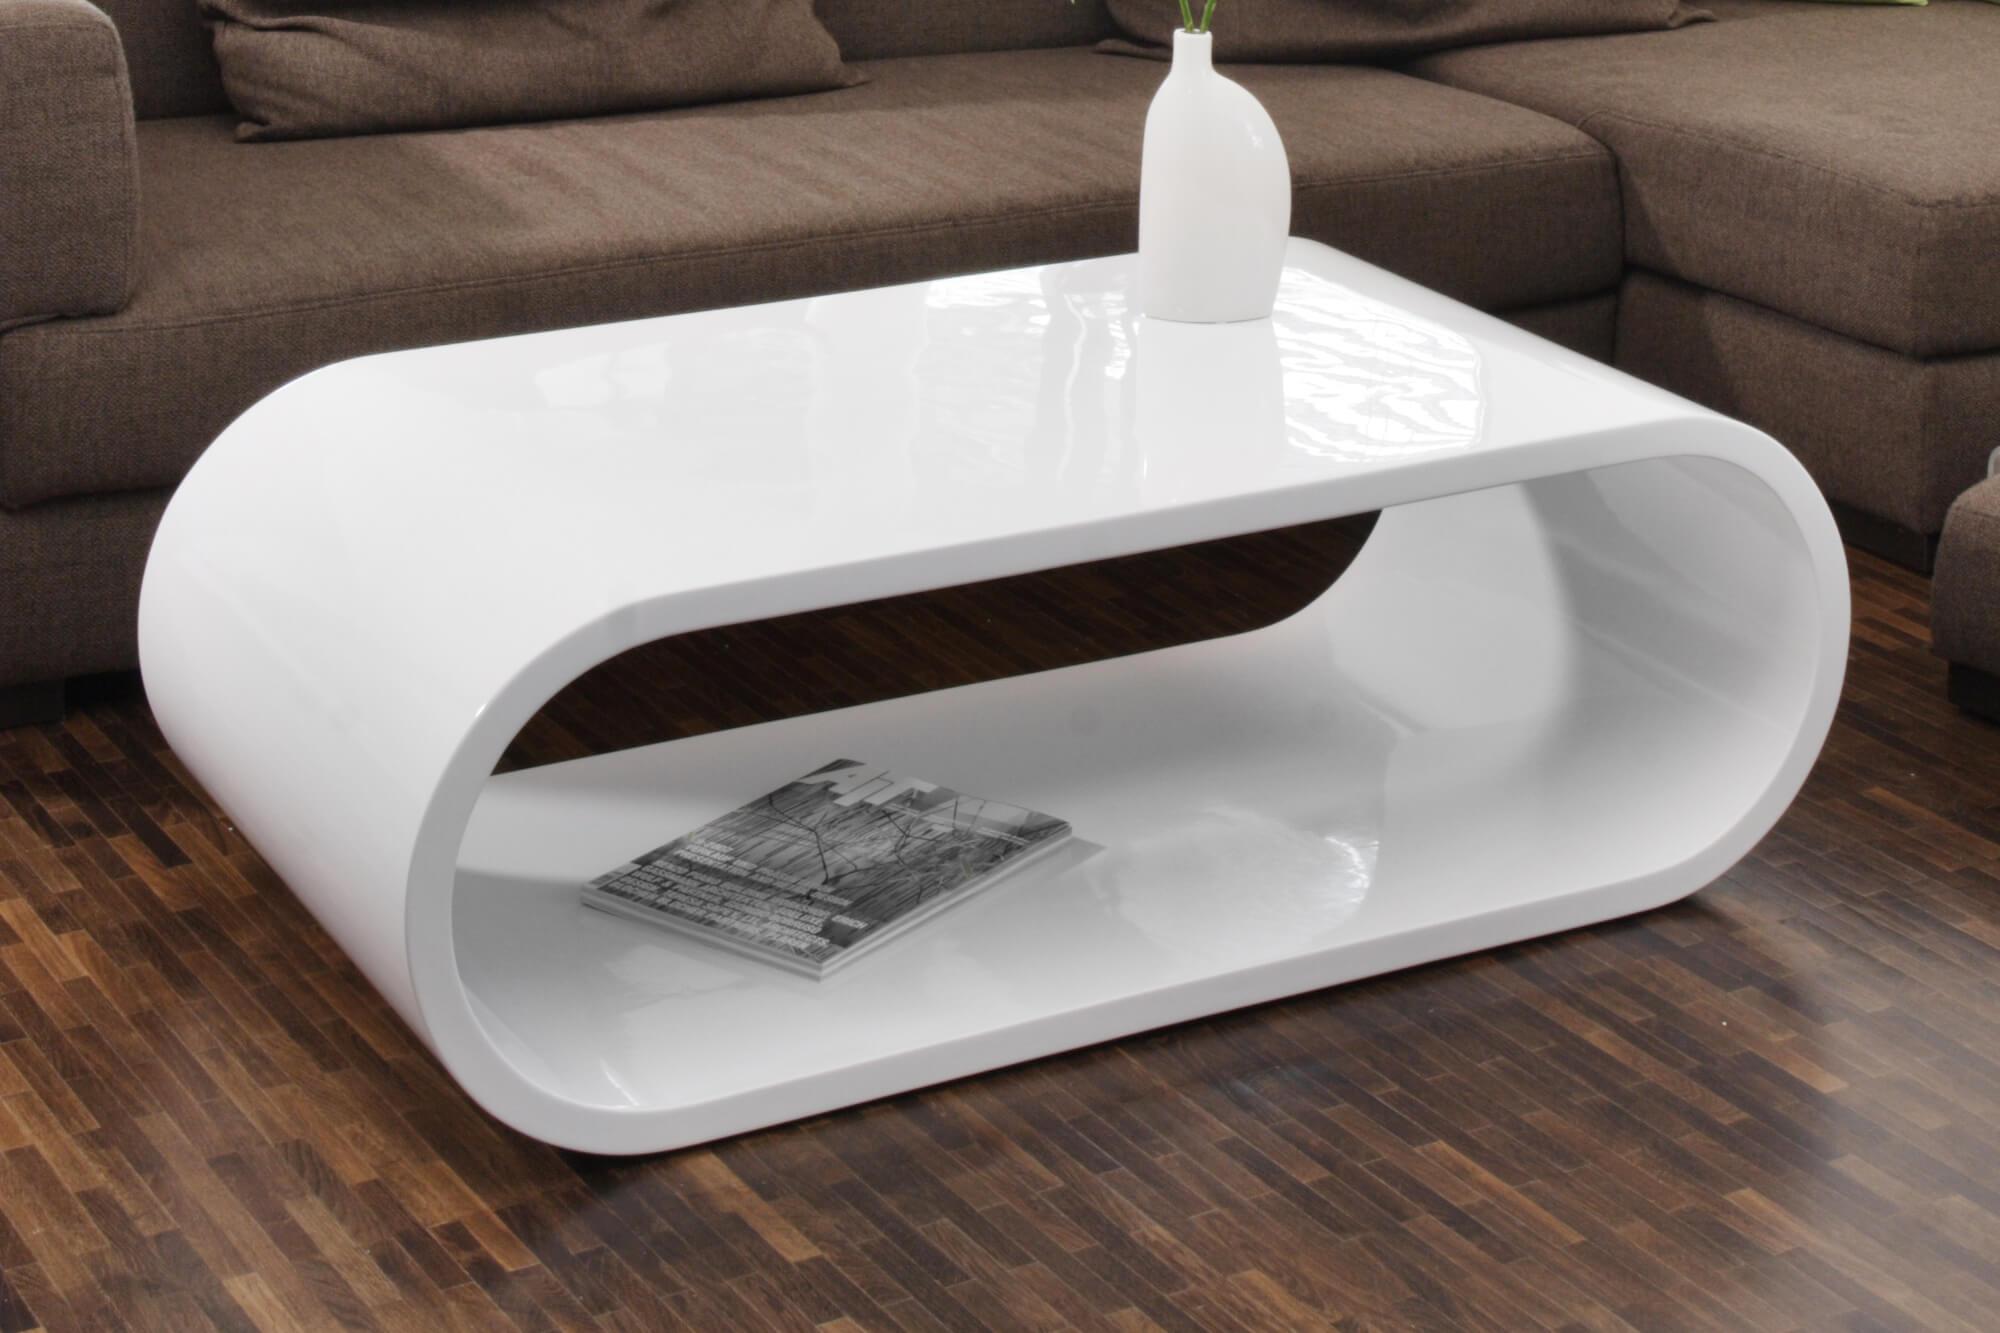 Design Couchtisch 3x3x3 cm Weiß Hochglanz Lack